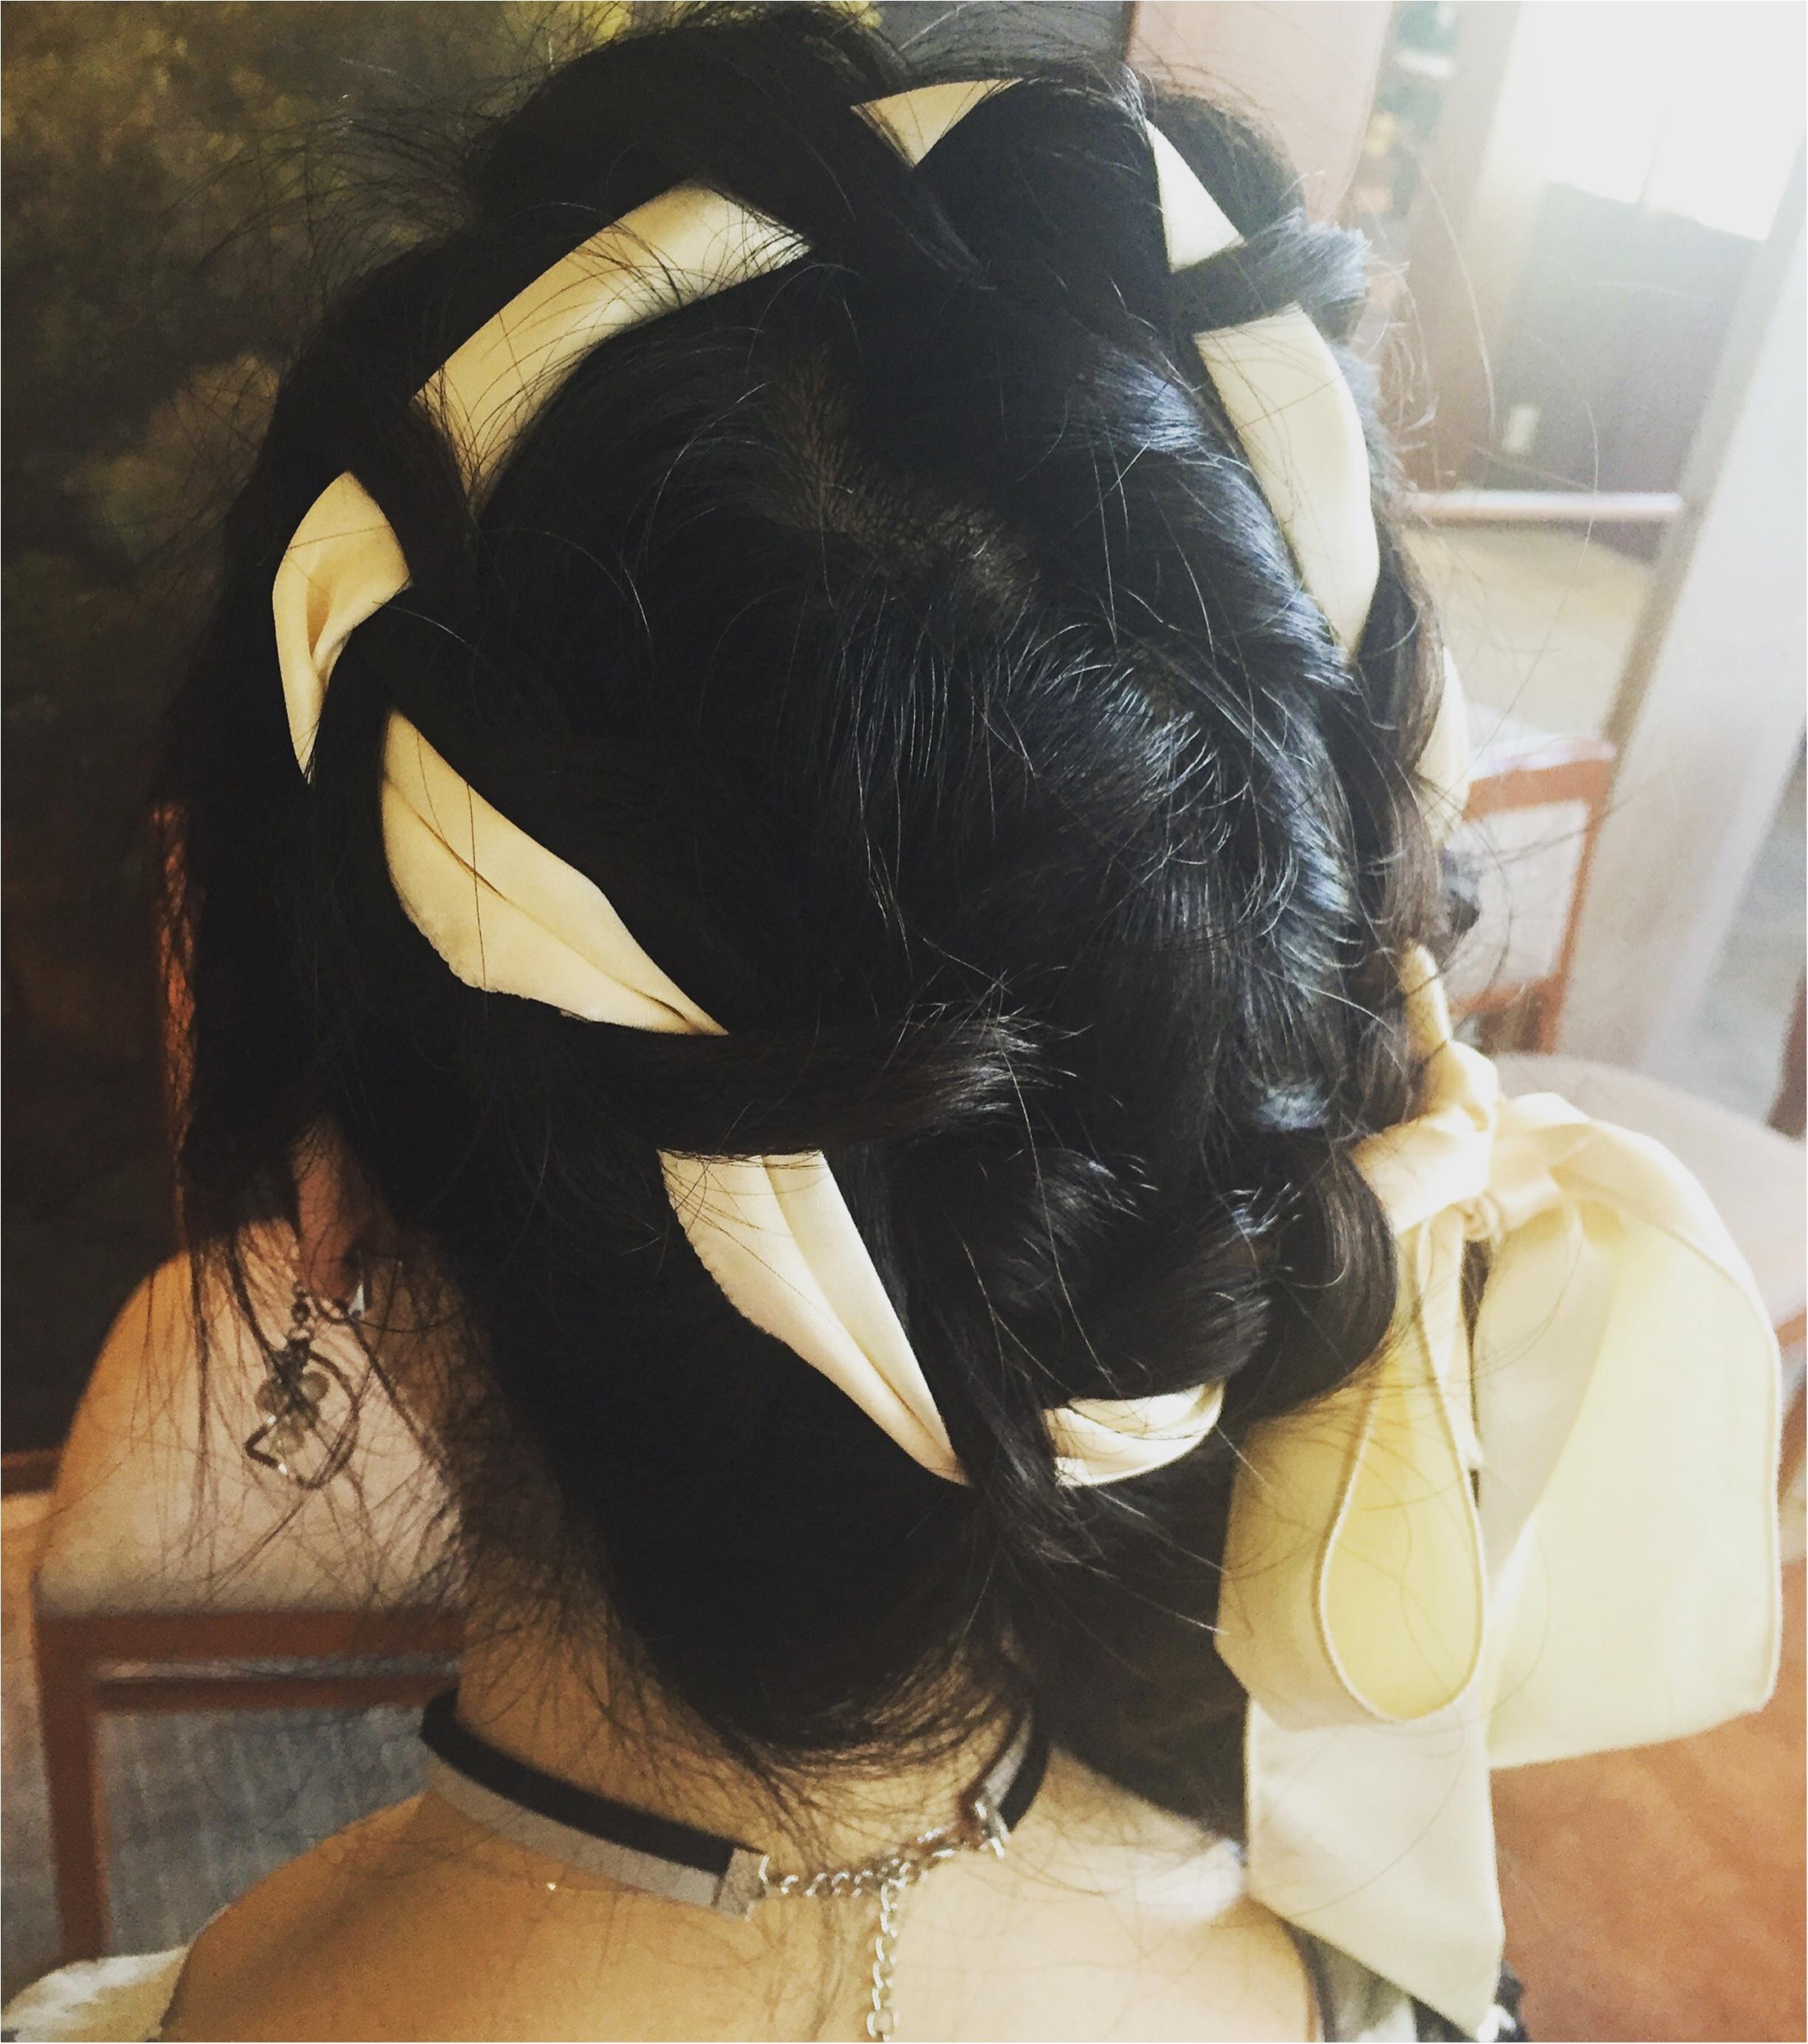 【Party Hair】リボンを使った編み込みアップヘア♡vif art新宿店なら¥2,500でヘアセットできちゃう✨≪samenyan≫_2